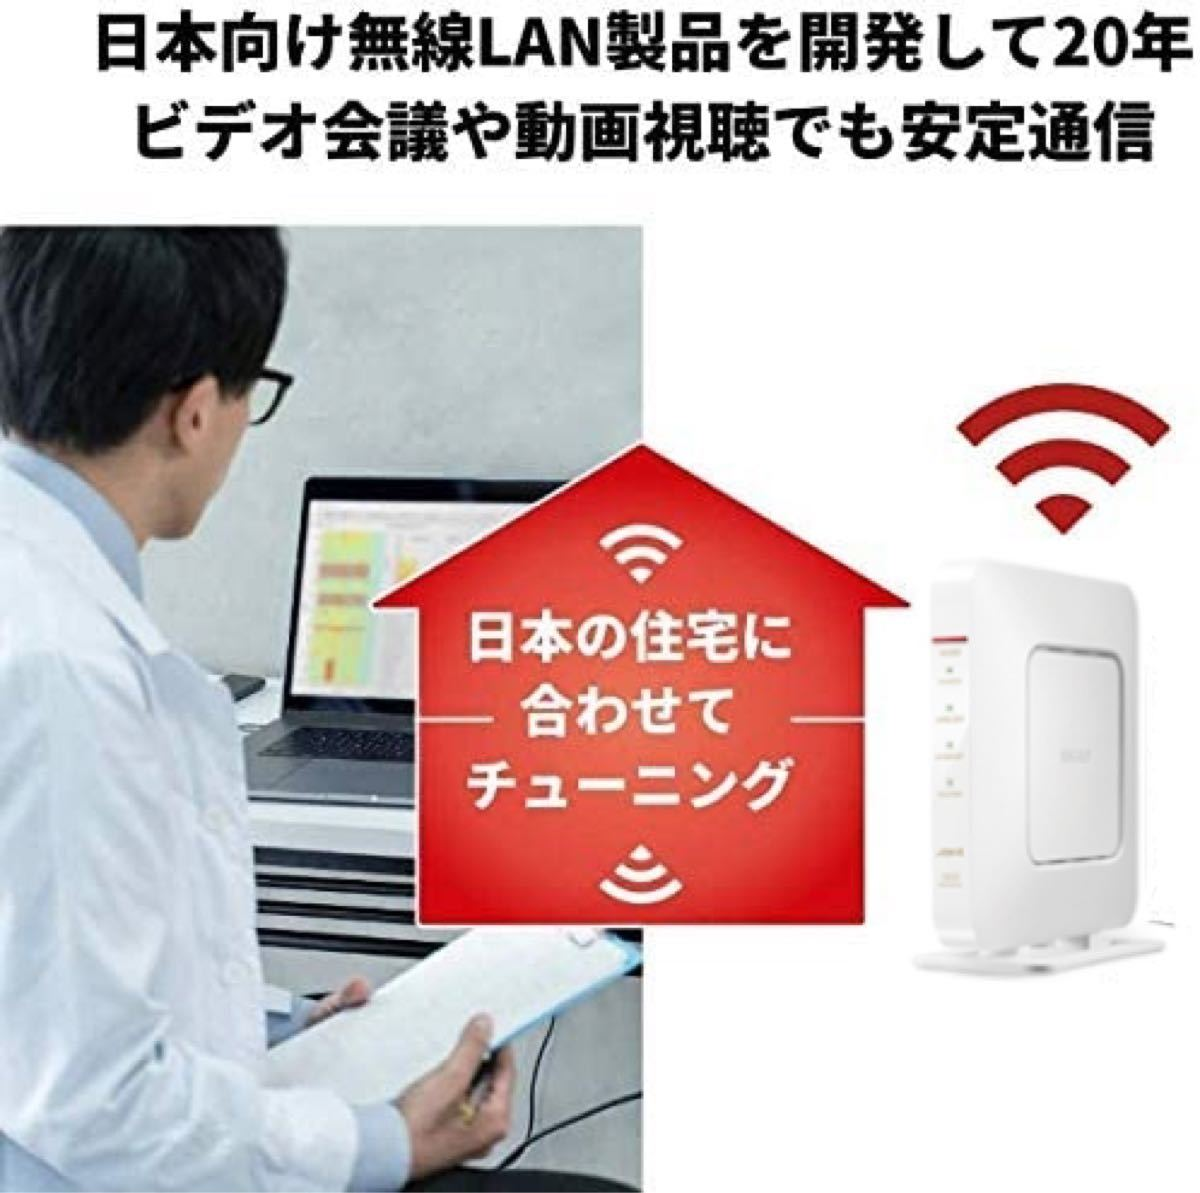 美品 バッファロー Wi-Fi 6(11ax)対応 無線LANルーター WSR-1800AX4-WH ホワイト エントリーモデル